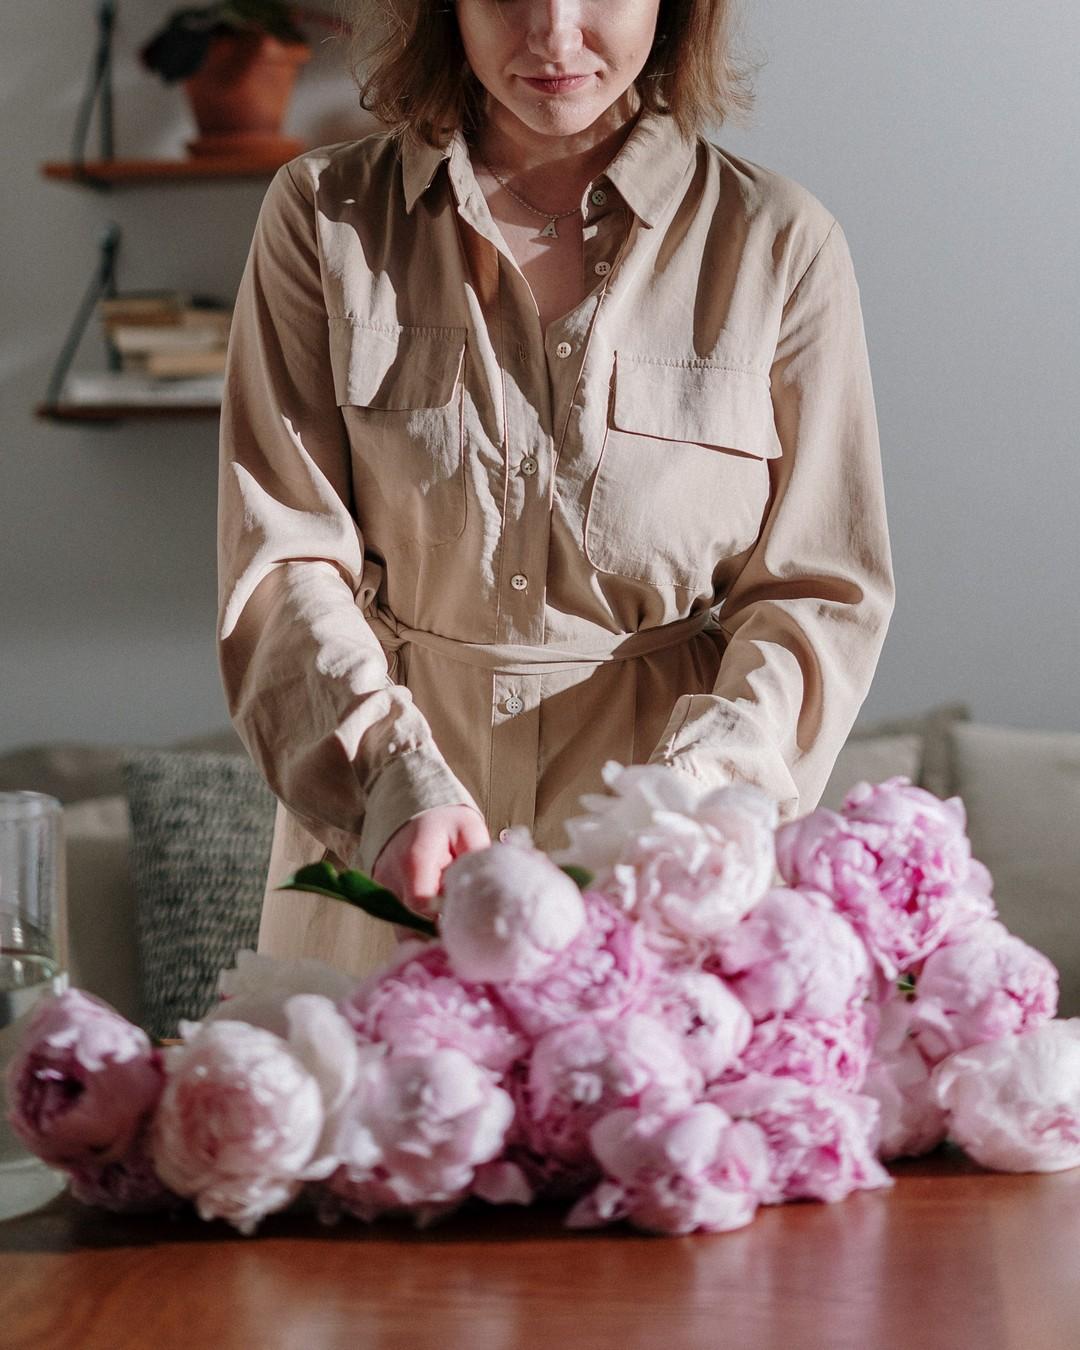 Życie kwiatu jest krótkie, ale radość, którą daje w ciągu minuty, jest jedną z tych rzeczy, które nie mają początku ani końca. Paul Claudel #hellomay #springvibes #springflower #majowka2021 #flowers #flowerpower #feminine #delicate #may #witajmaj #majowo #maj #maj2021 #may2021 #mayflowers #whiteflowers #purebeauty #peonies #peony #flowersofinstagram #piwonie #kwiatycięte